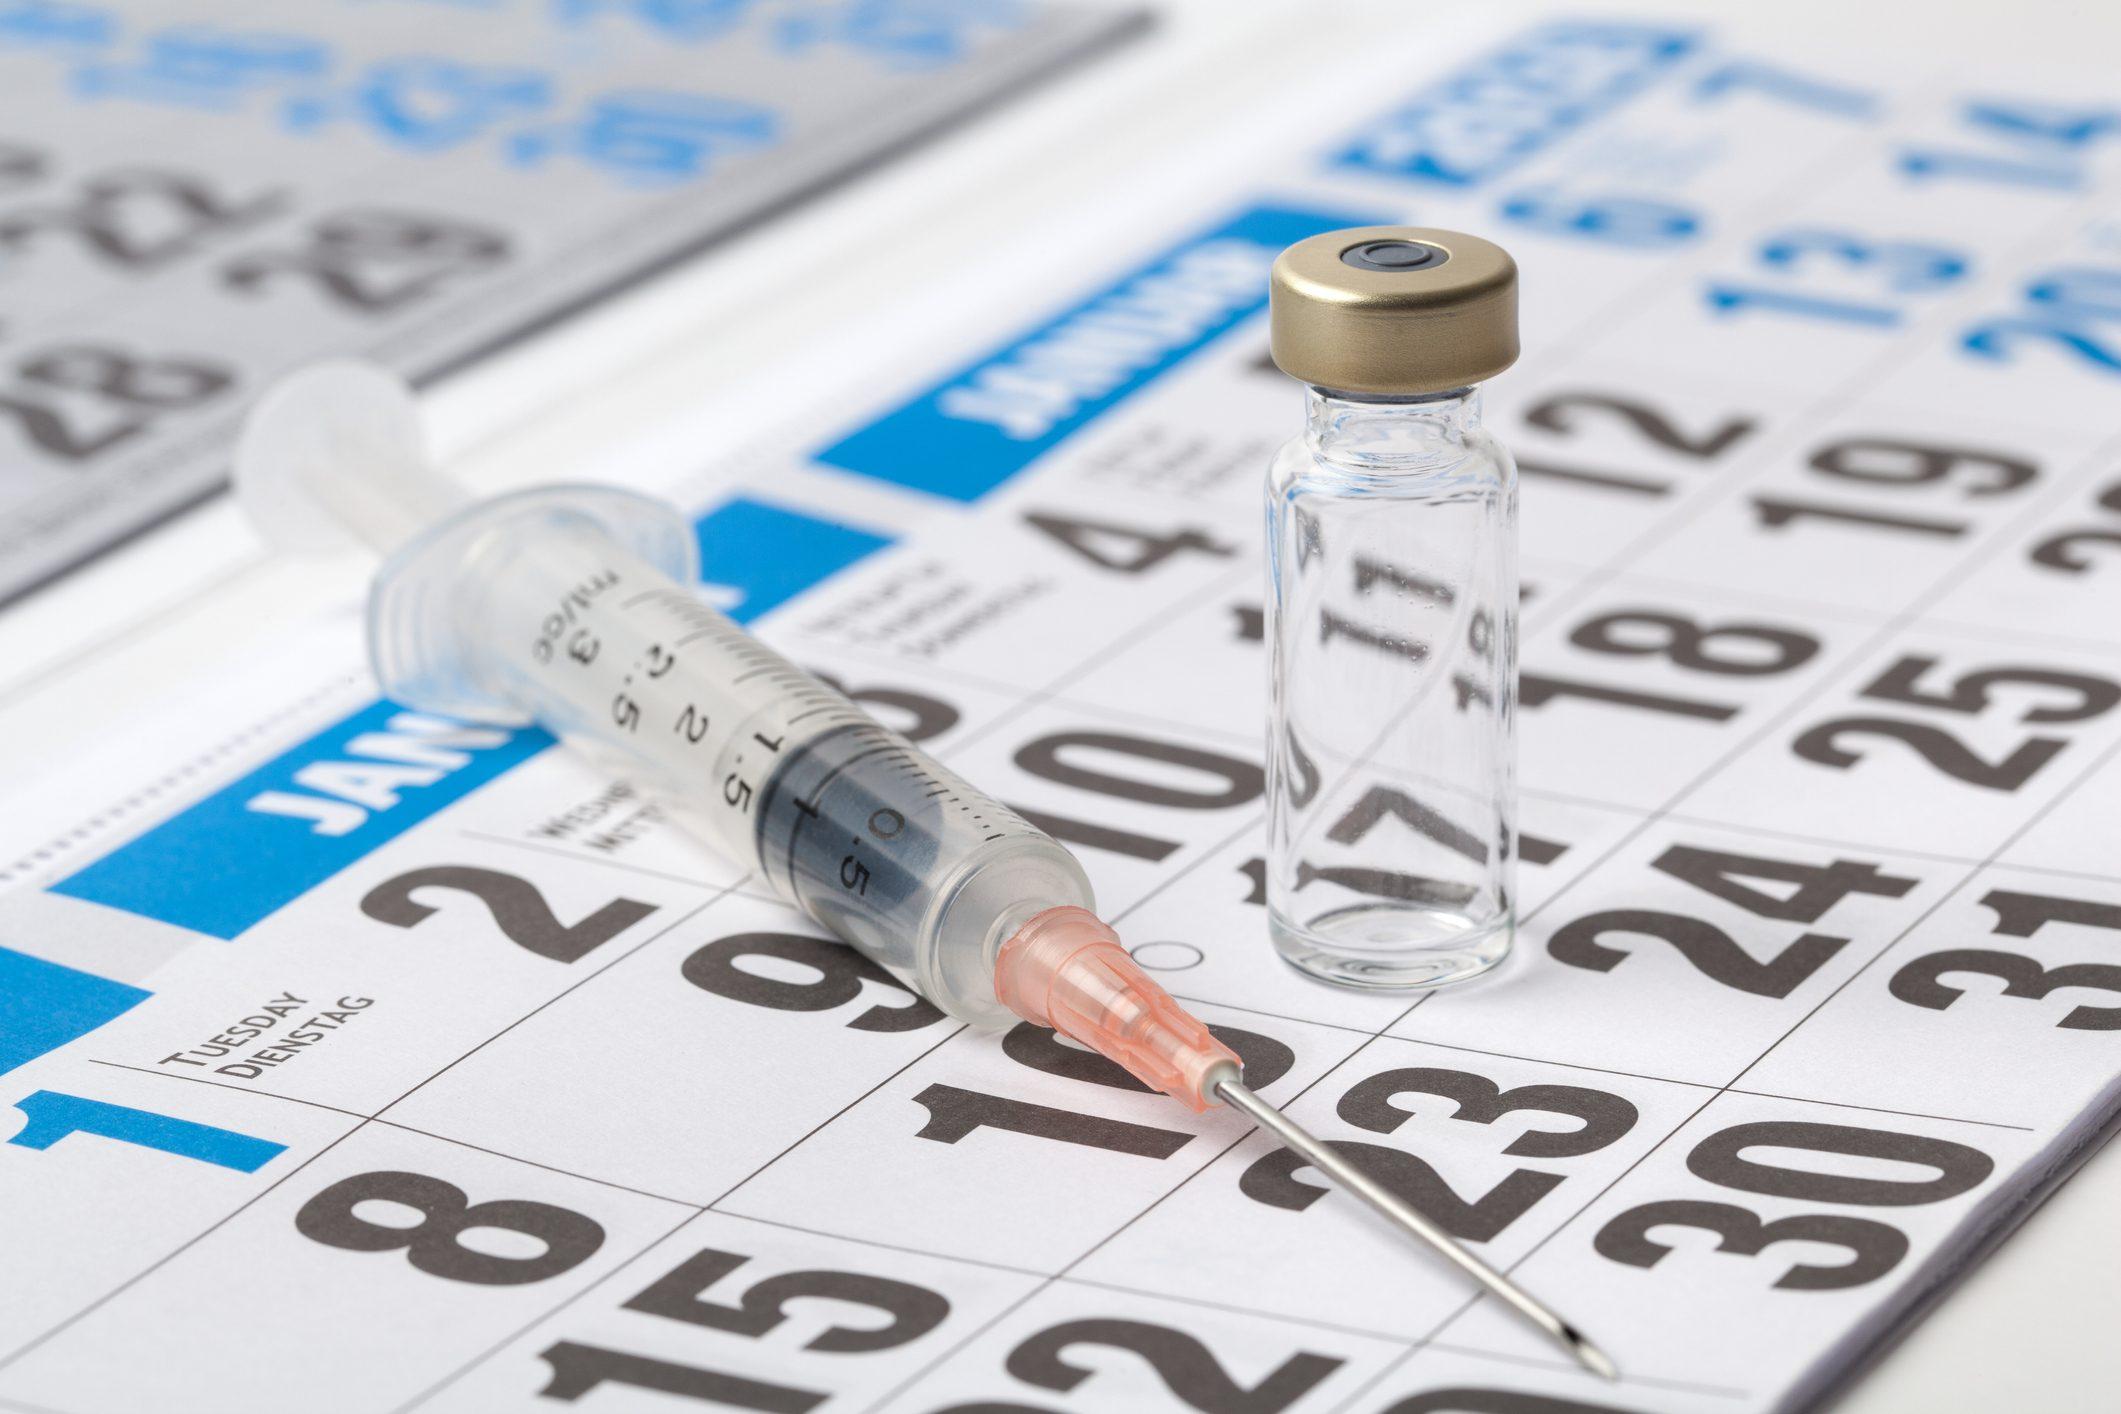 Ogni Quanti Anni Si Ripete Il Calendario.Il Calendario Dei Vaccini Quali Sono Quelli Obbligatori E